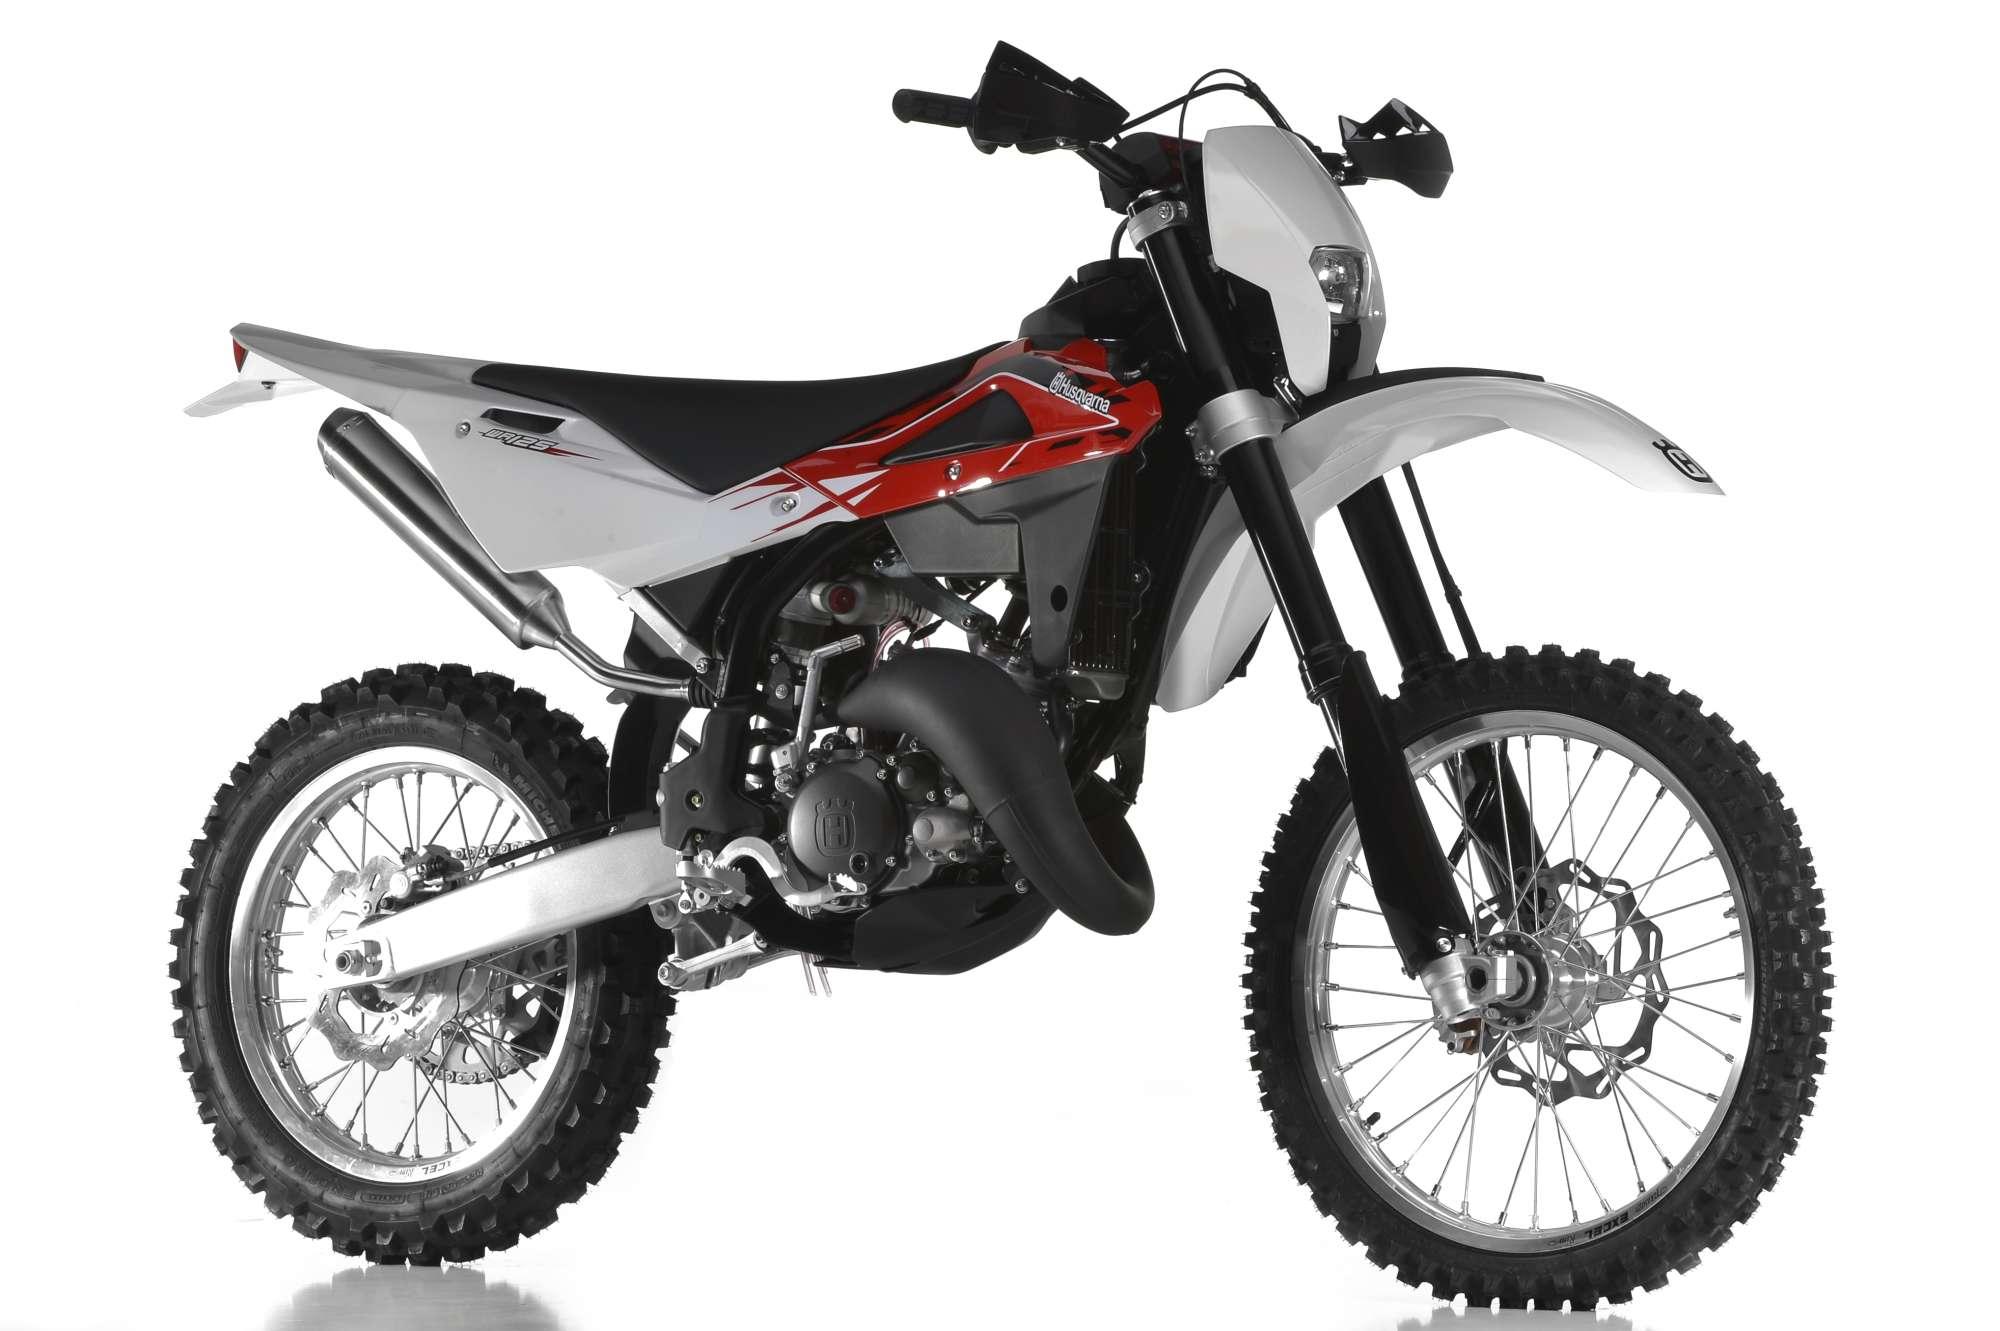 Gebrauchte Husqvarna Wr 125 Motorr 228 Der Kaufen